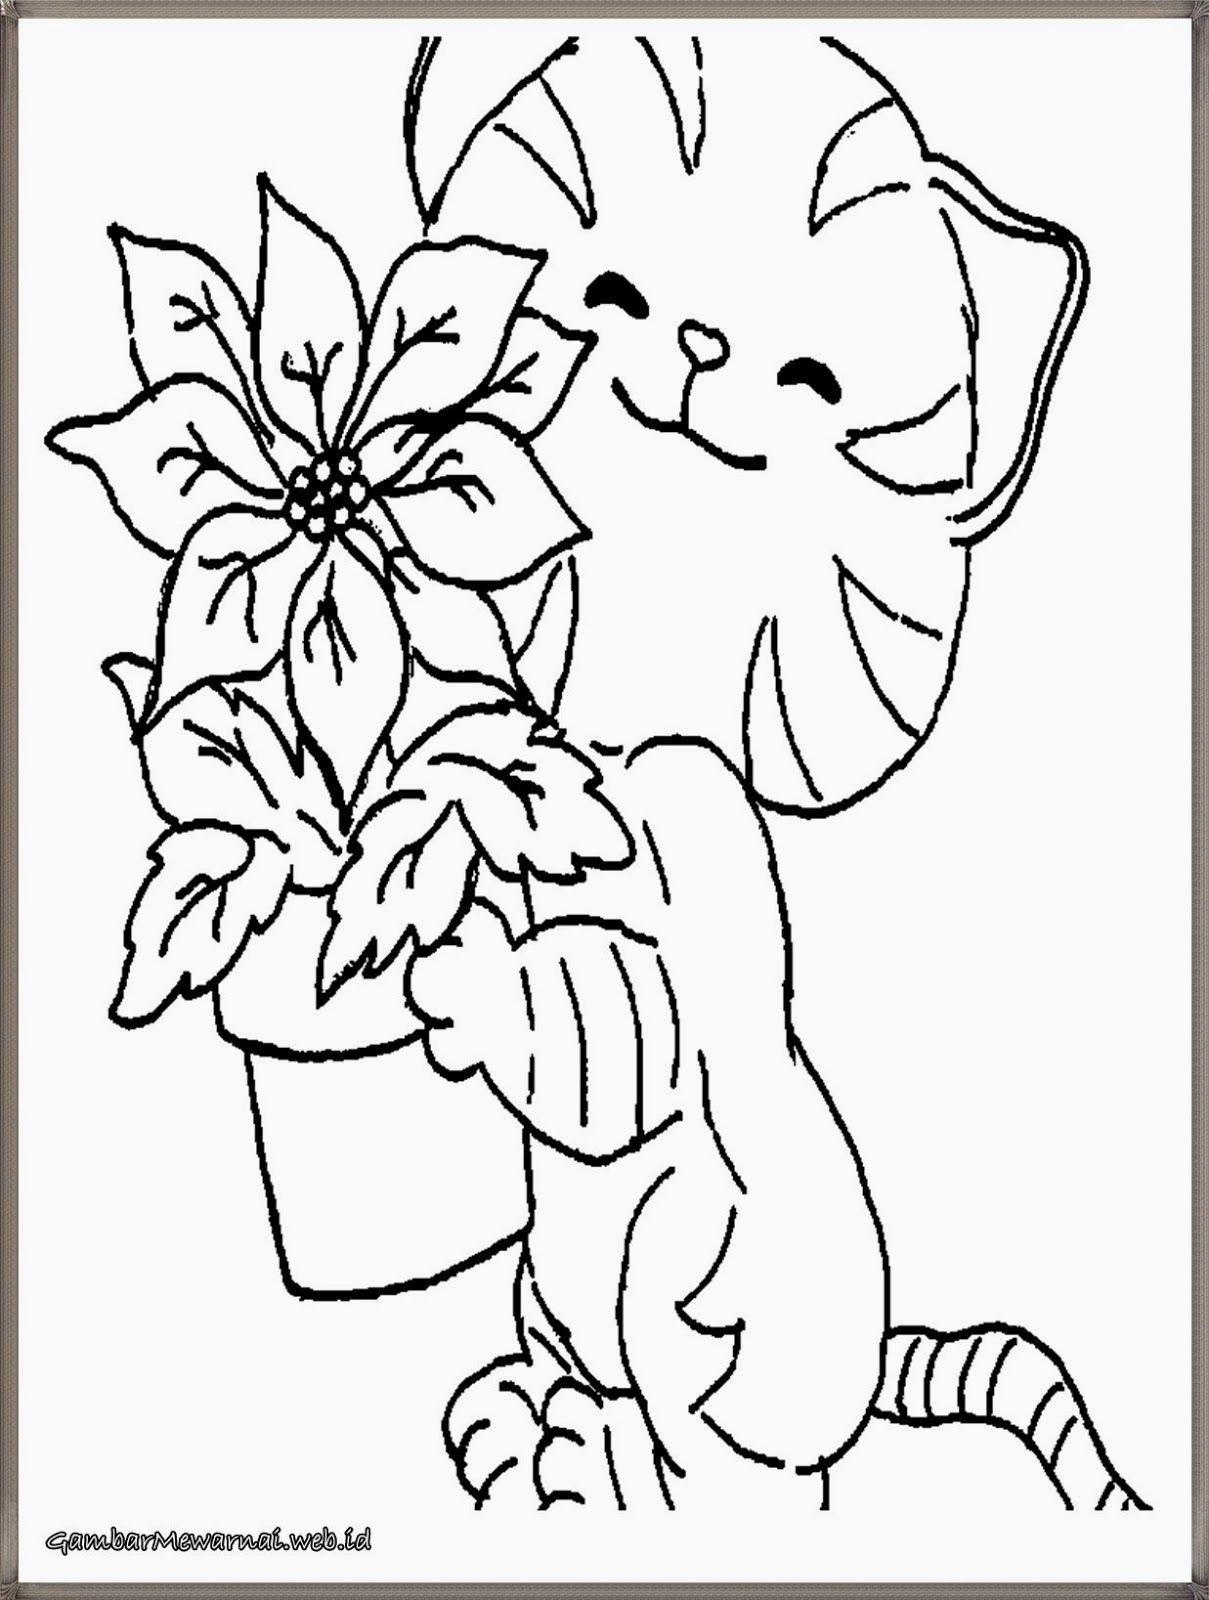 Gambar Bintang Kucing Hitam Putih Untuk Diwarnai